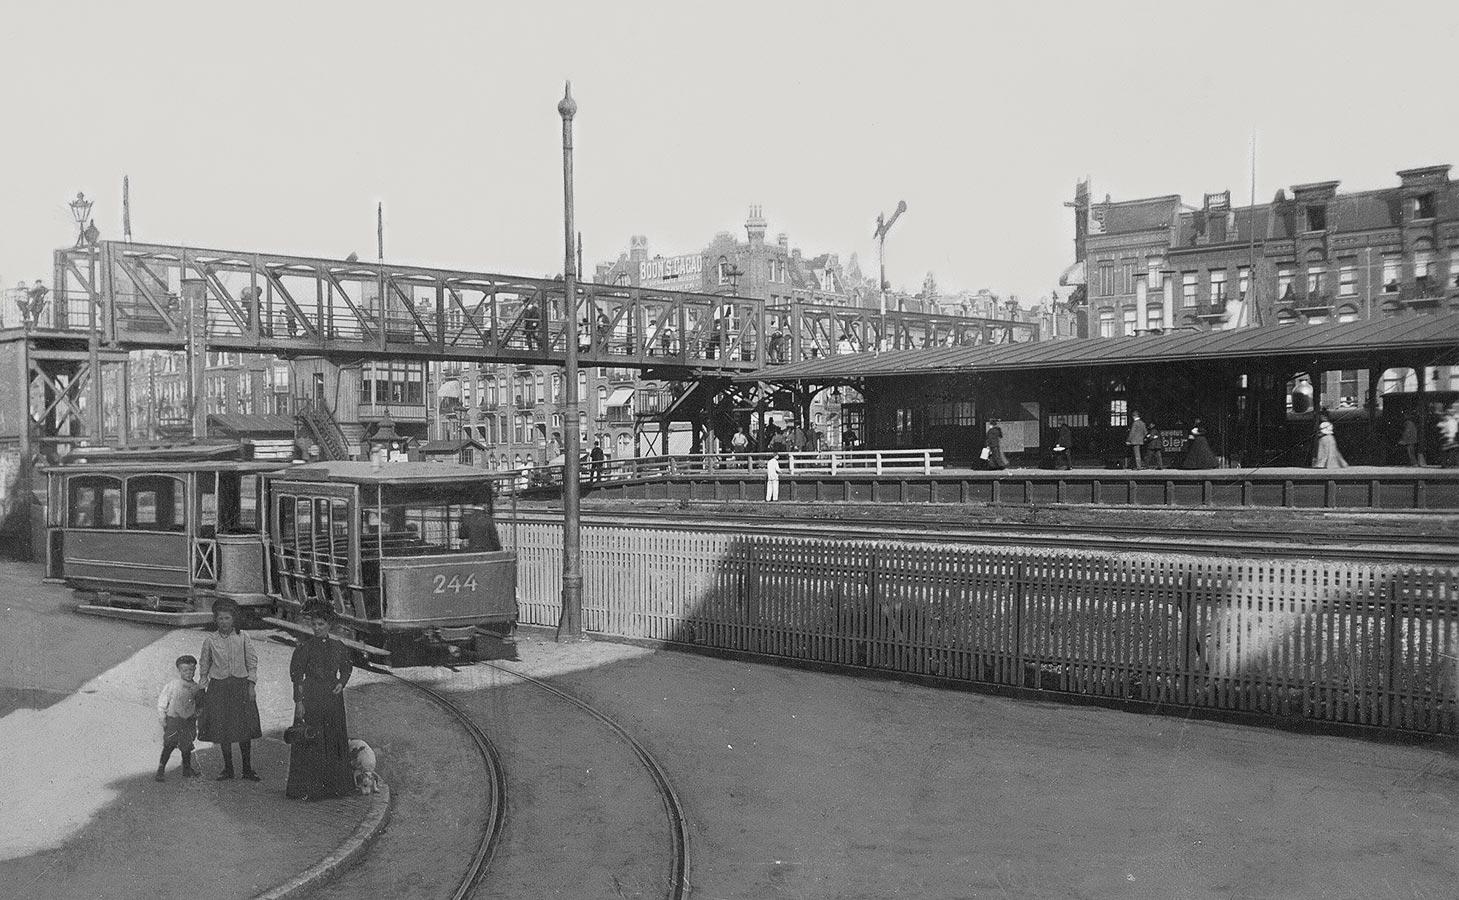 Oude station Muiderpoort gezien vanuit Pontanusstraat. Op voorgrond twee kinderen en vrouw met hondje. Daarachter tram 244